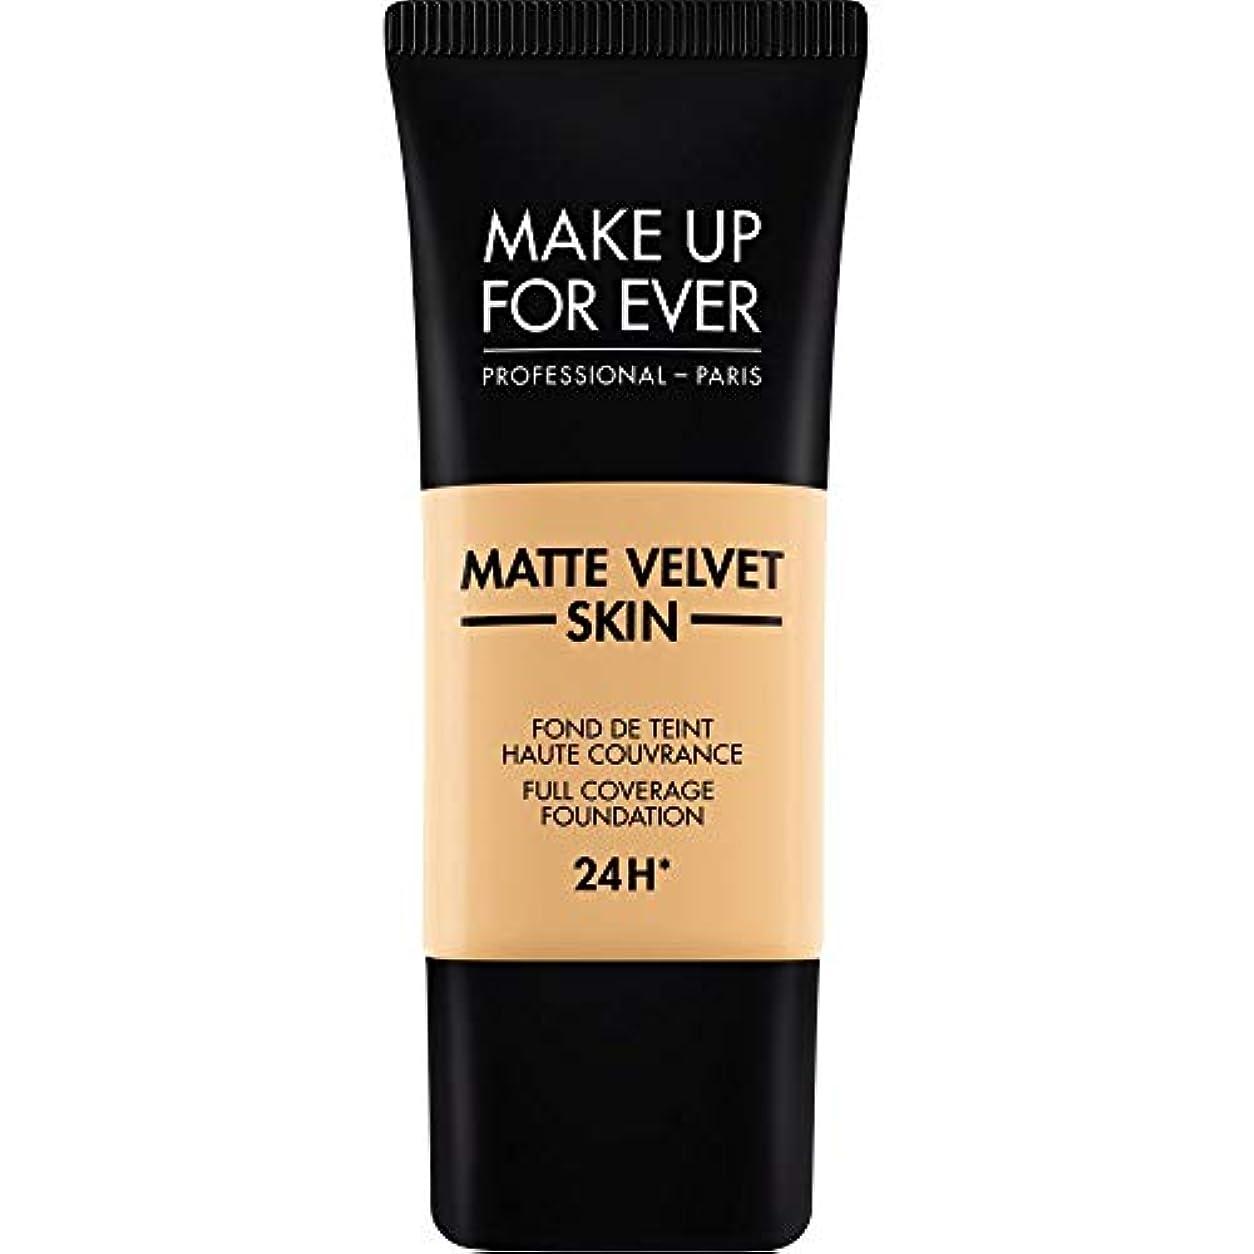 眠っているベール鬼ごっこ[MAKE UP FOR EVER ] 柔らかい砂 - これまでマットベルベットの皮膚のフルカバレッジ基礎30ミリリットルのY245を補います - MAKE UP FOR EVER Matte Velvet Skin Full...